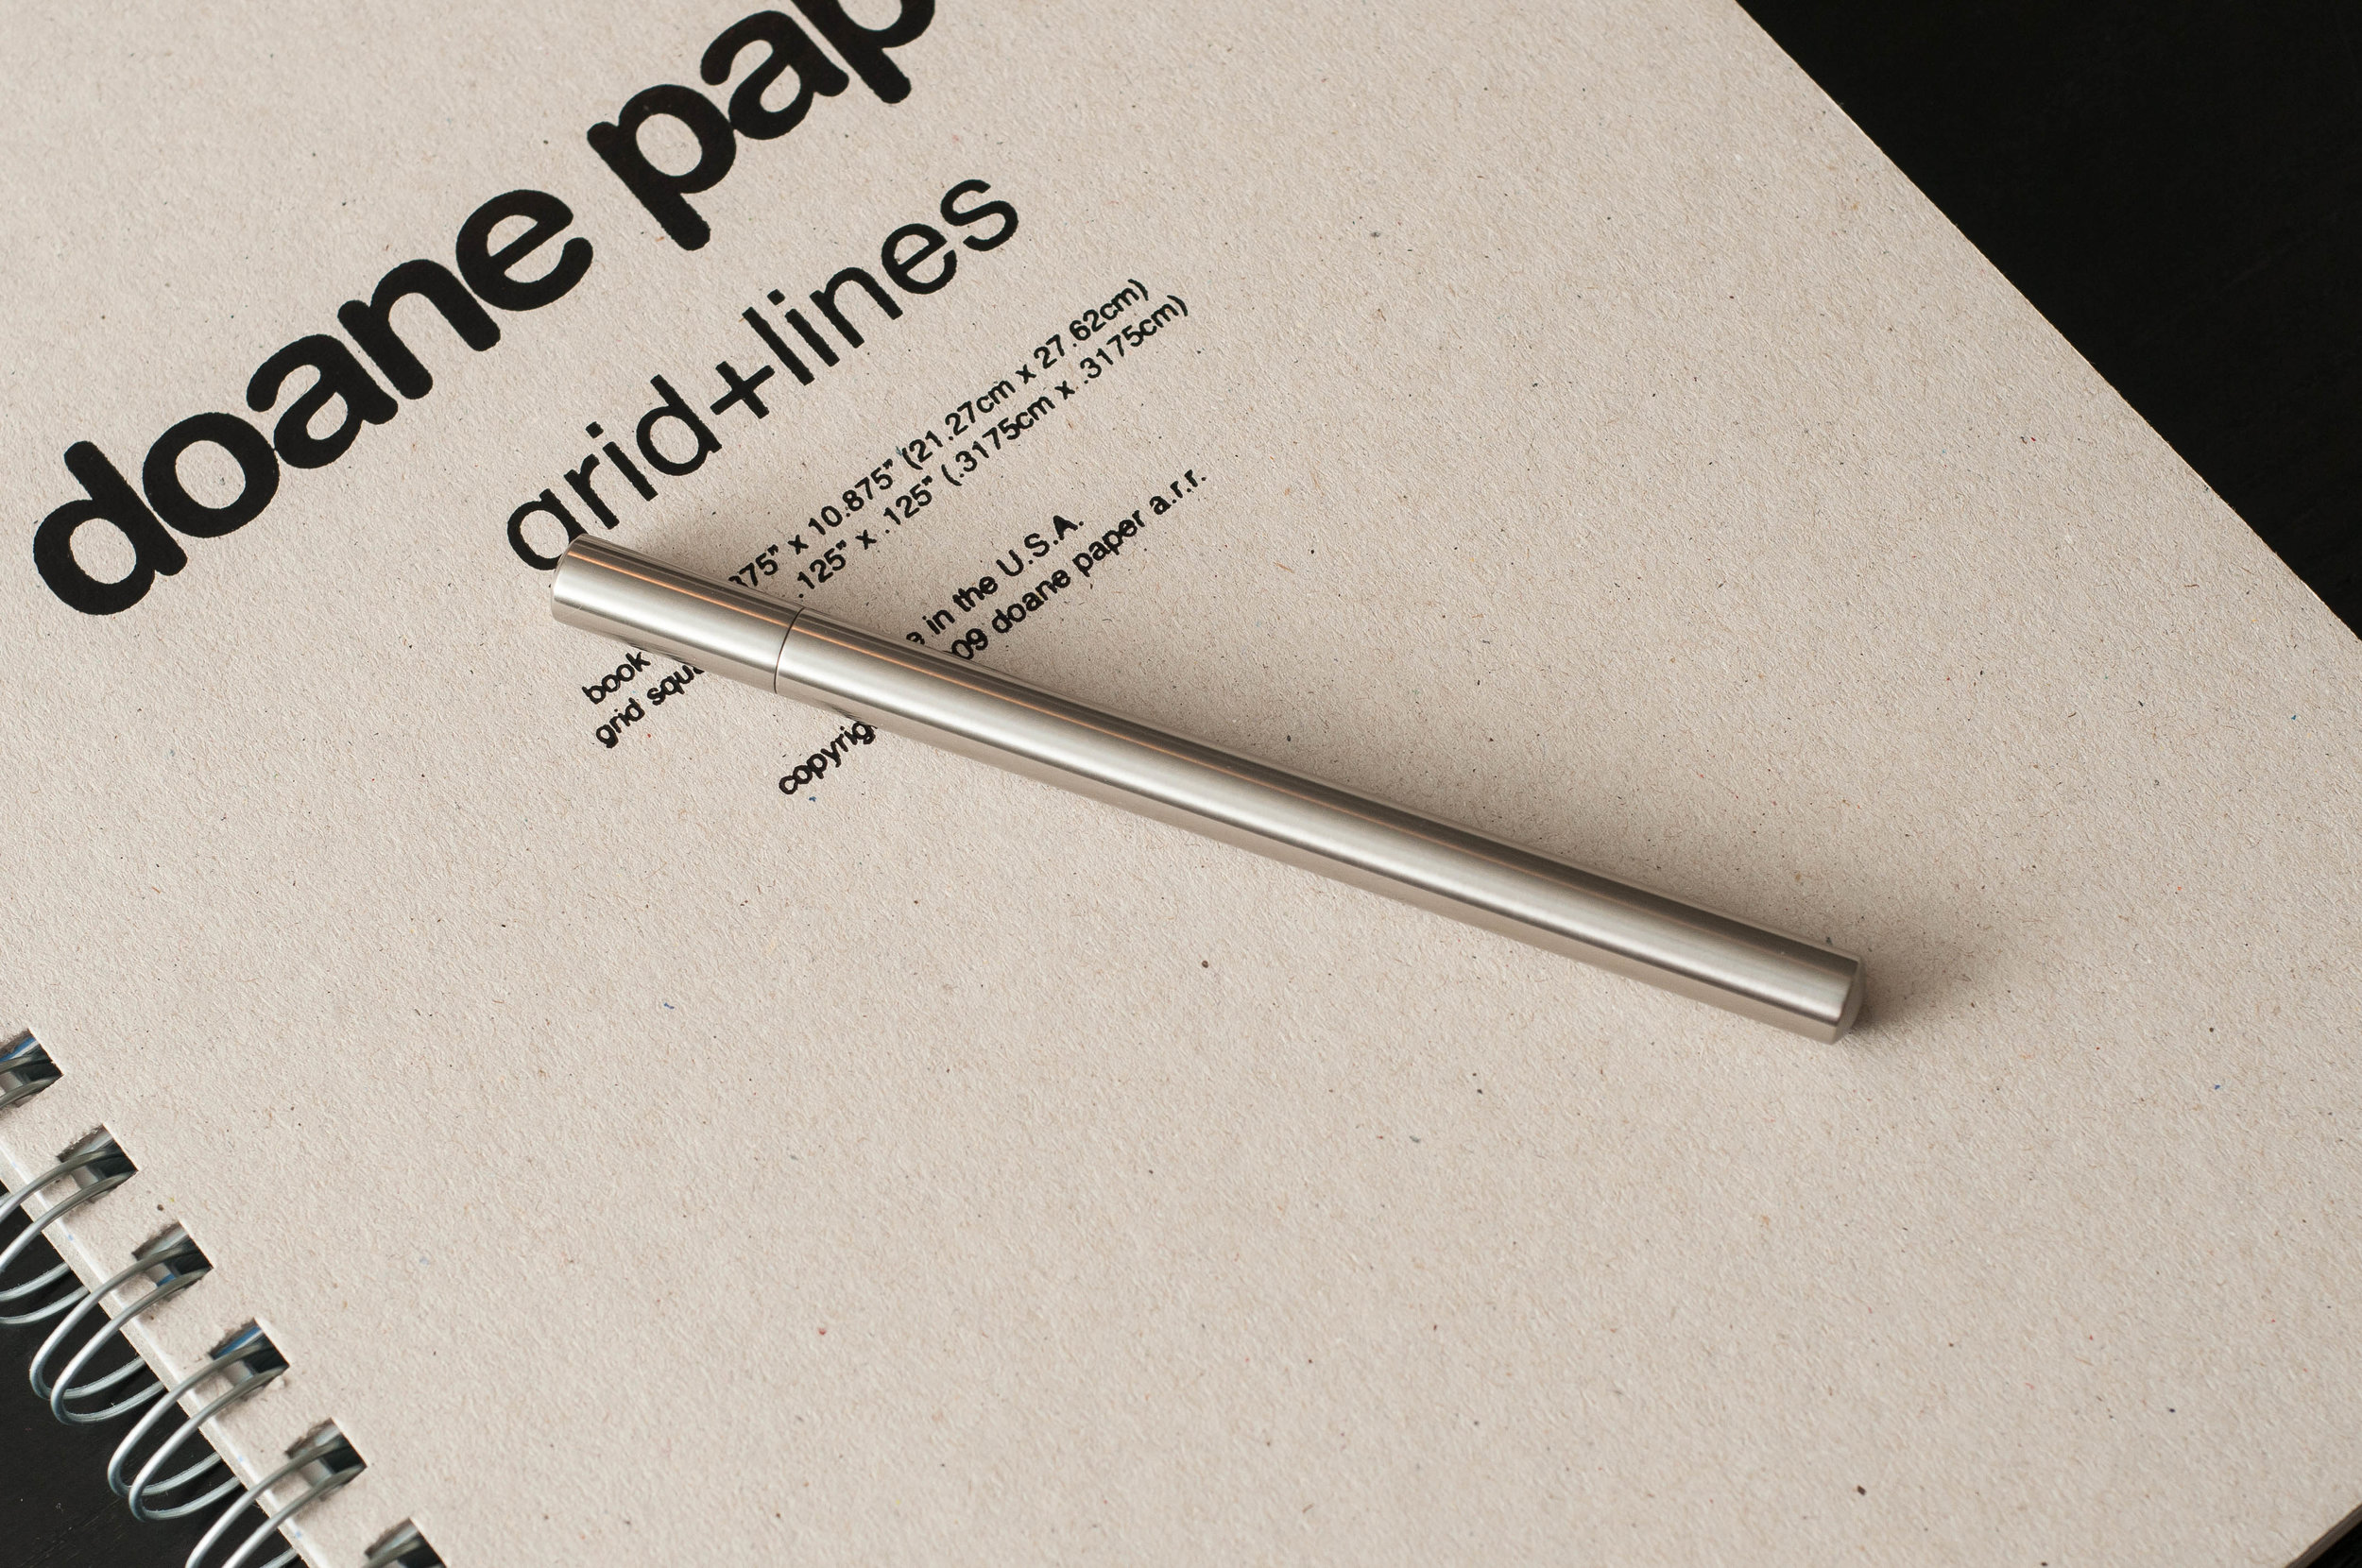 ATELEIA Stainless Steel Pen